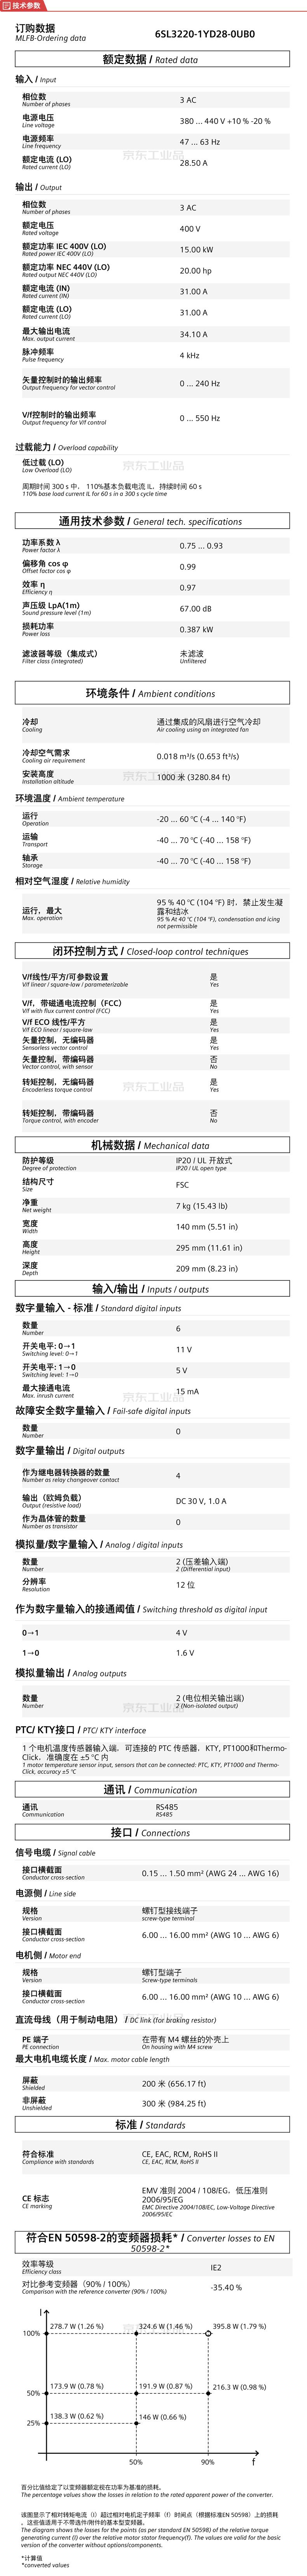 西门子 G120XA变频器无操作面板 15kW AC380-440V;6SL32201YD280UB0